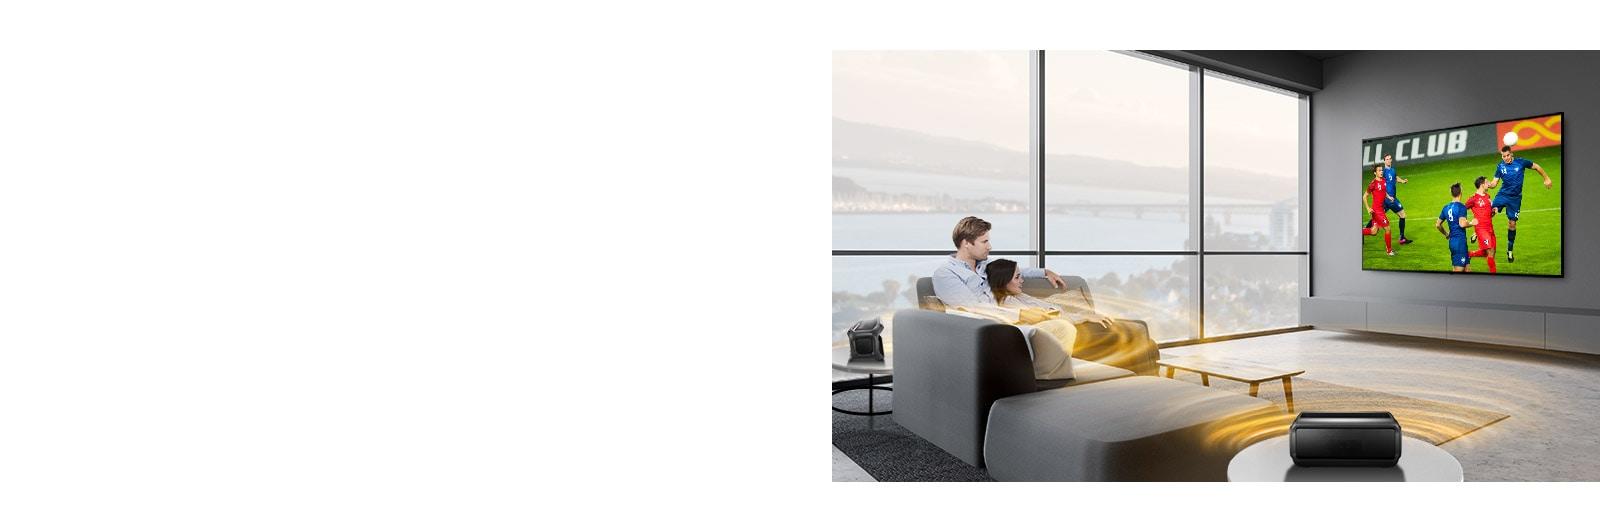 Un uomo e una donna che guardano una partita su un TV in soggiorno con altoparlanti Bluetooth posteriori